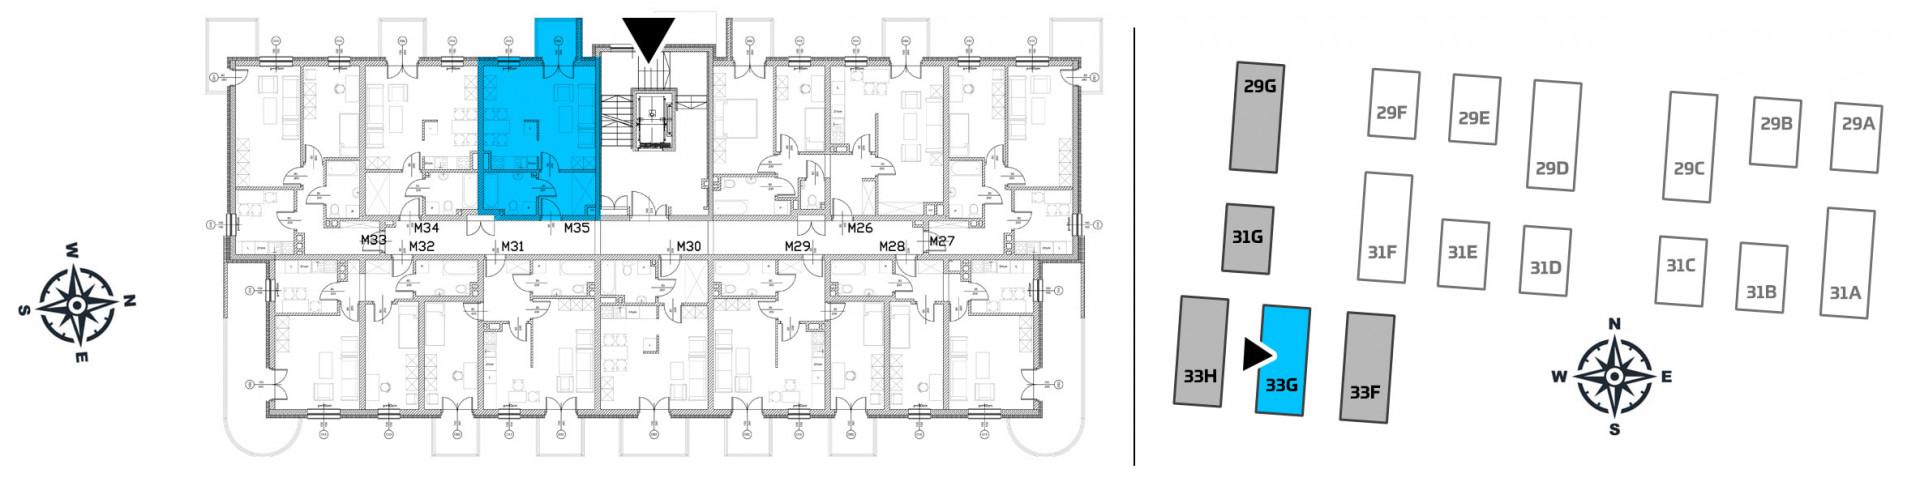 Mieszkanie jednopokojowe 33G/35 rzut 2